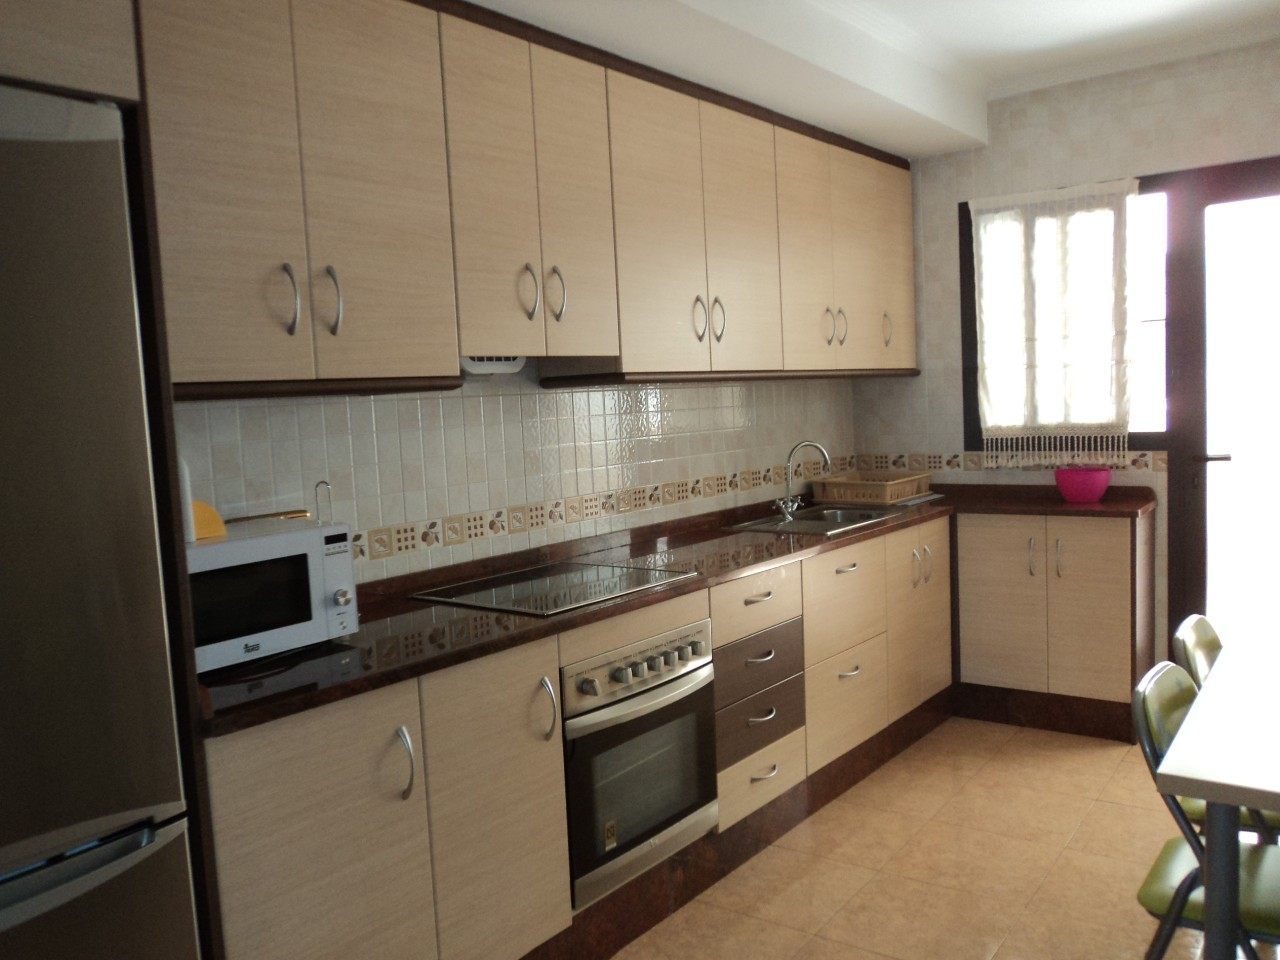 Alquilo piso en orihuela alquilo piso en orihuela barato economico pisos baratos orihuela - Pisos de alquiler en orihuela ...